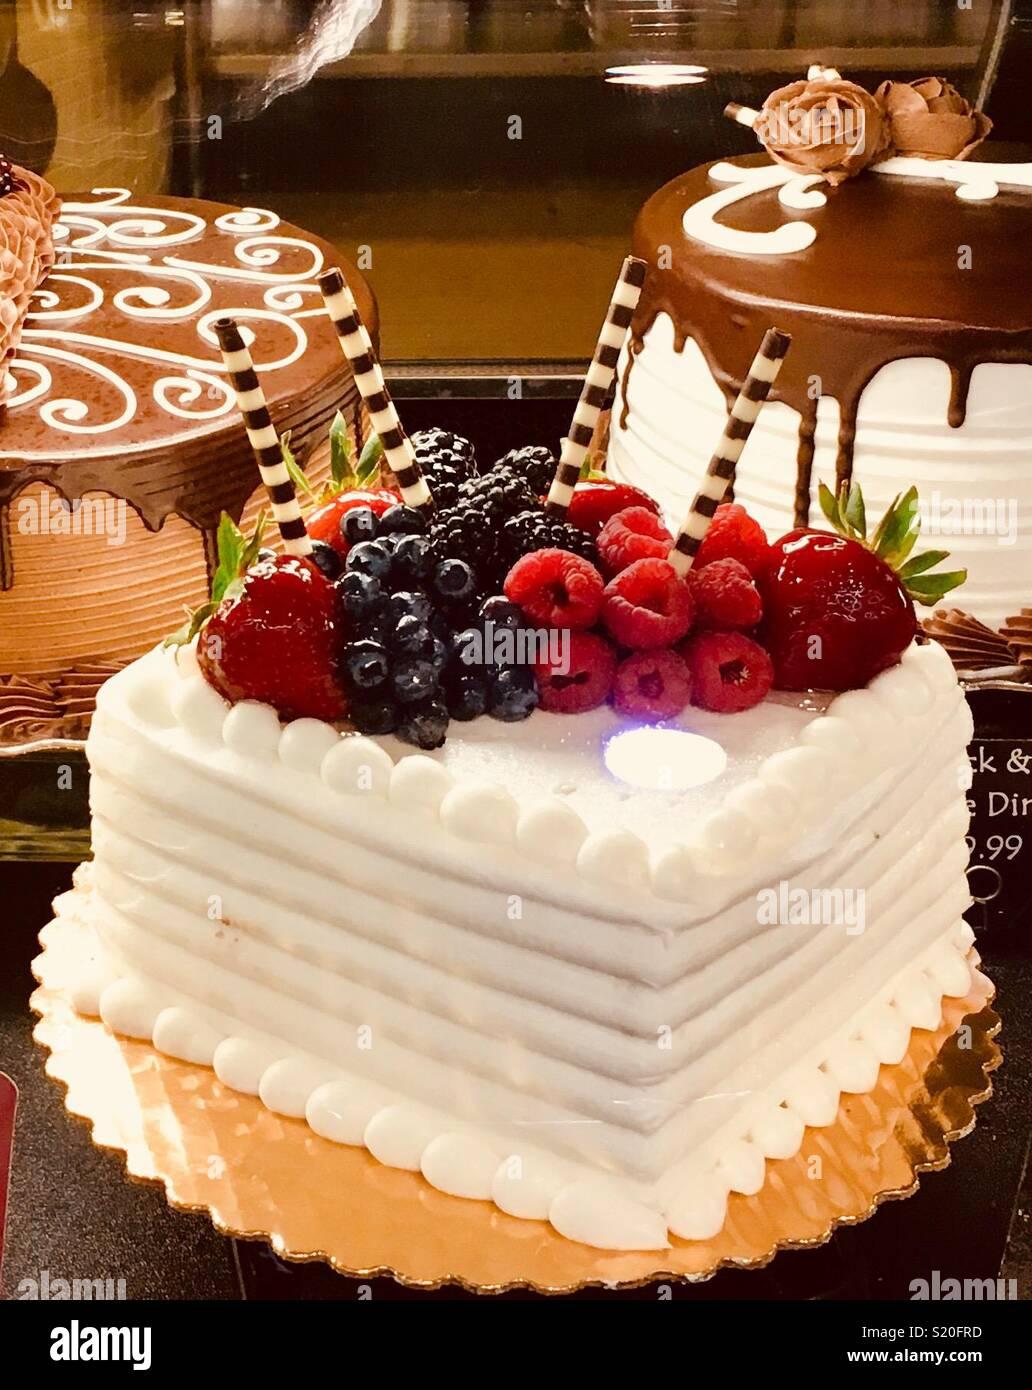 Der Dekorativen Kuchen Innen Backerei Vitrine In Runden Und